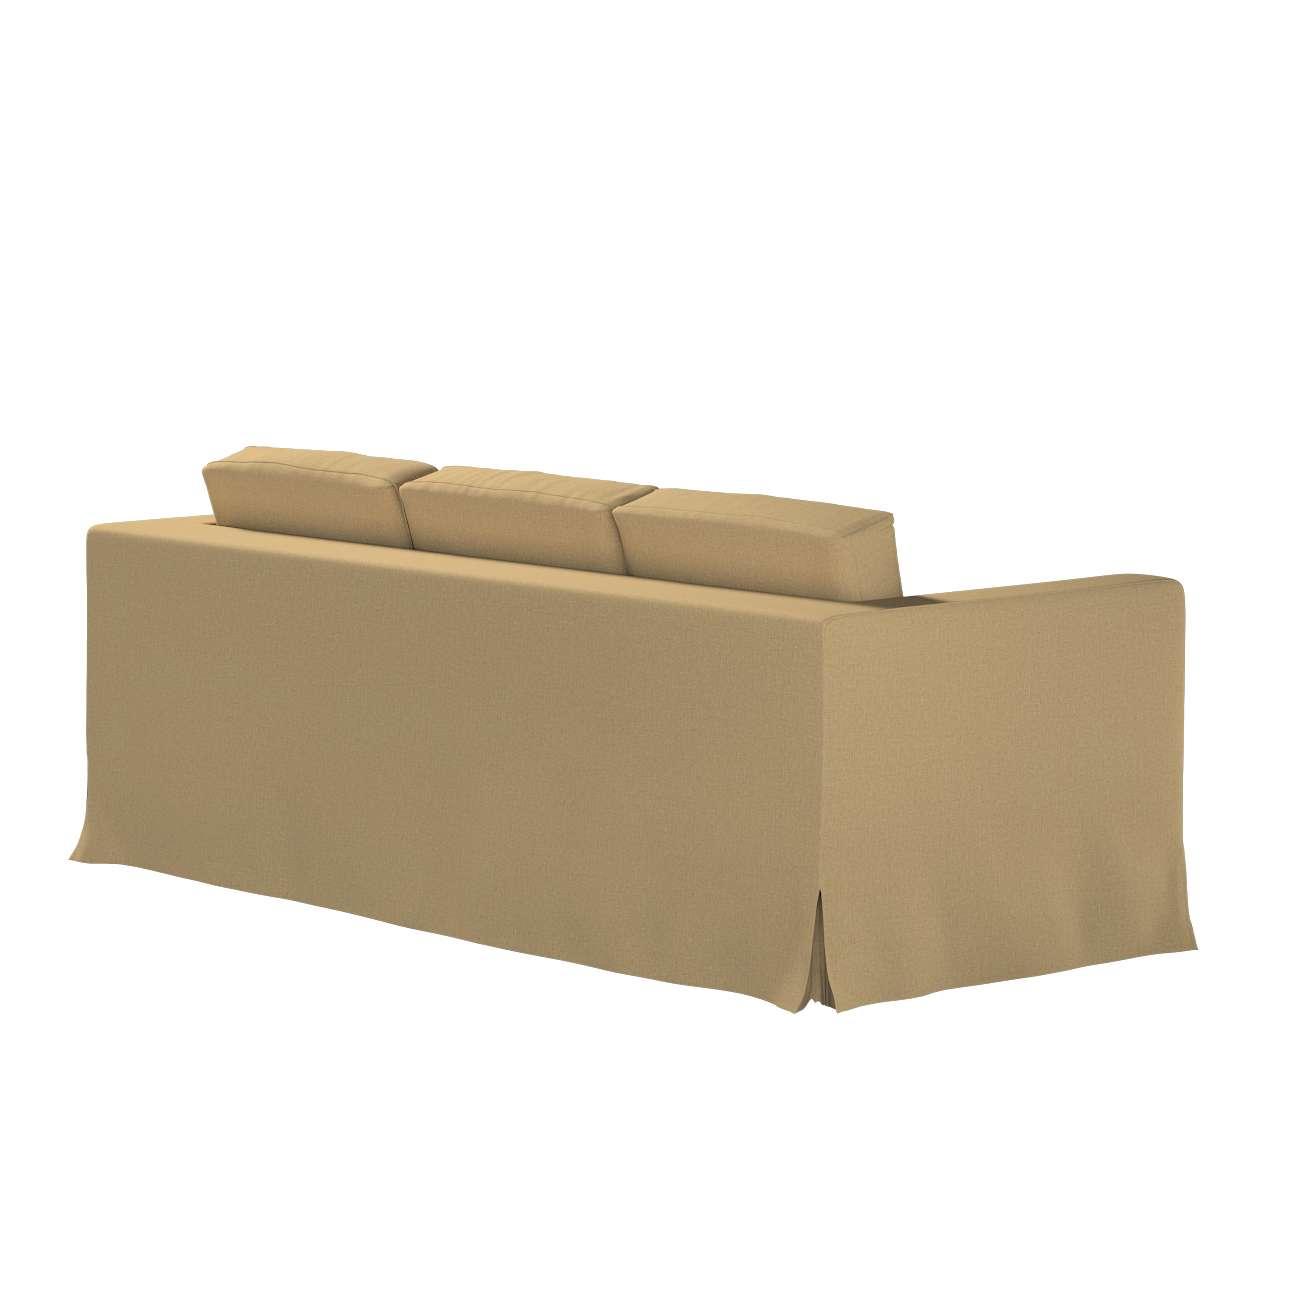 Potah na pohovku IKEA  Karlanda 3-místná nerozkládací, dlouhý v kolekci Living, látka: 161-50